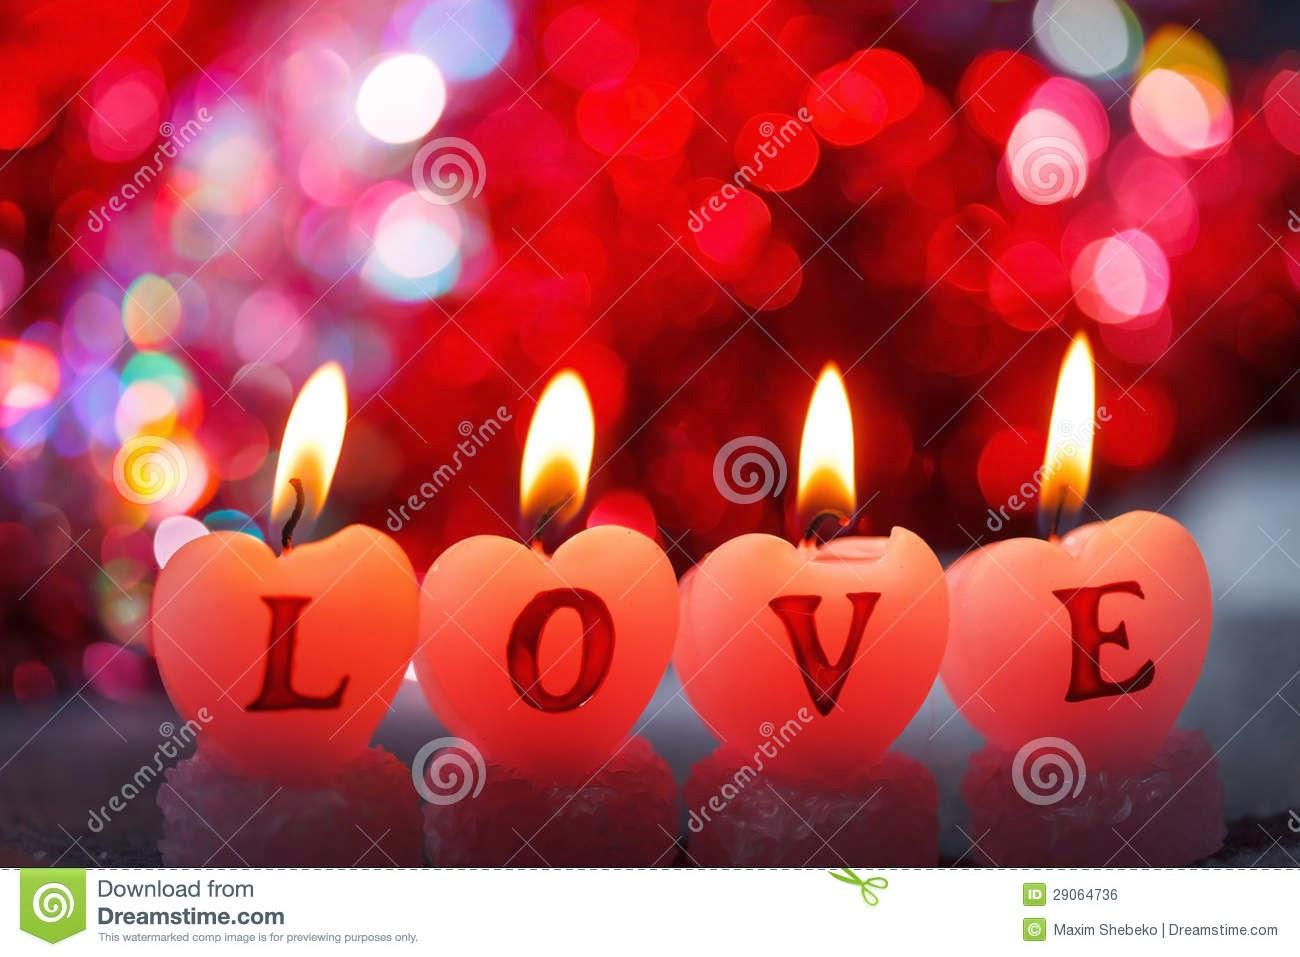 Imagenes De Amor Para Descargar Gratis: Descargar Imagenes Romanticas Para Celular Gratis